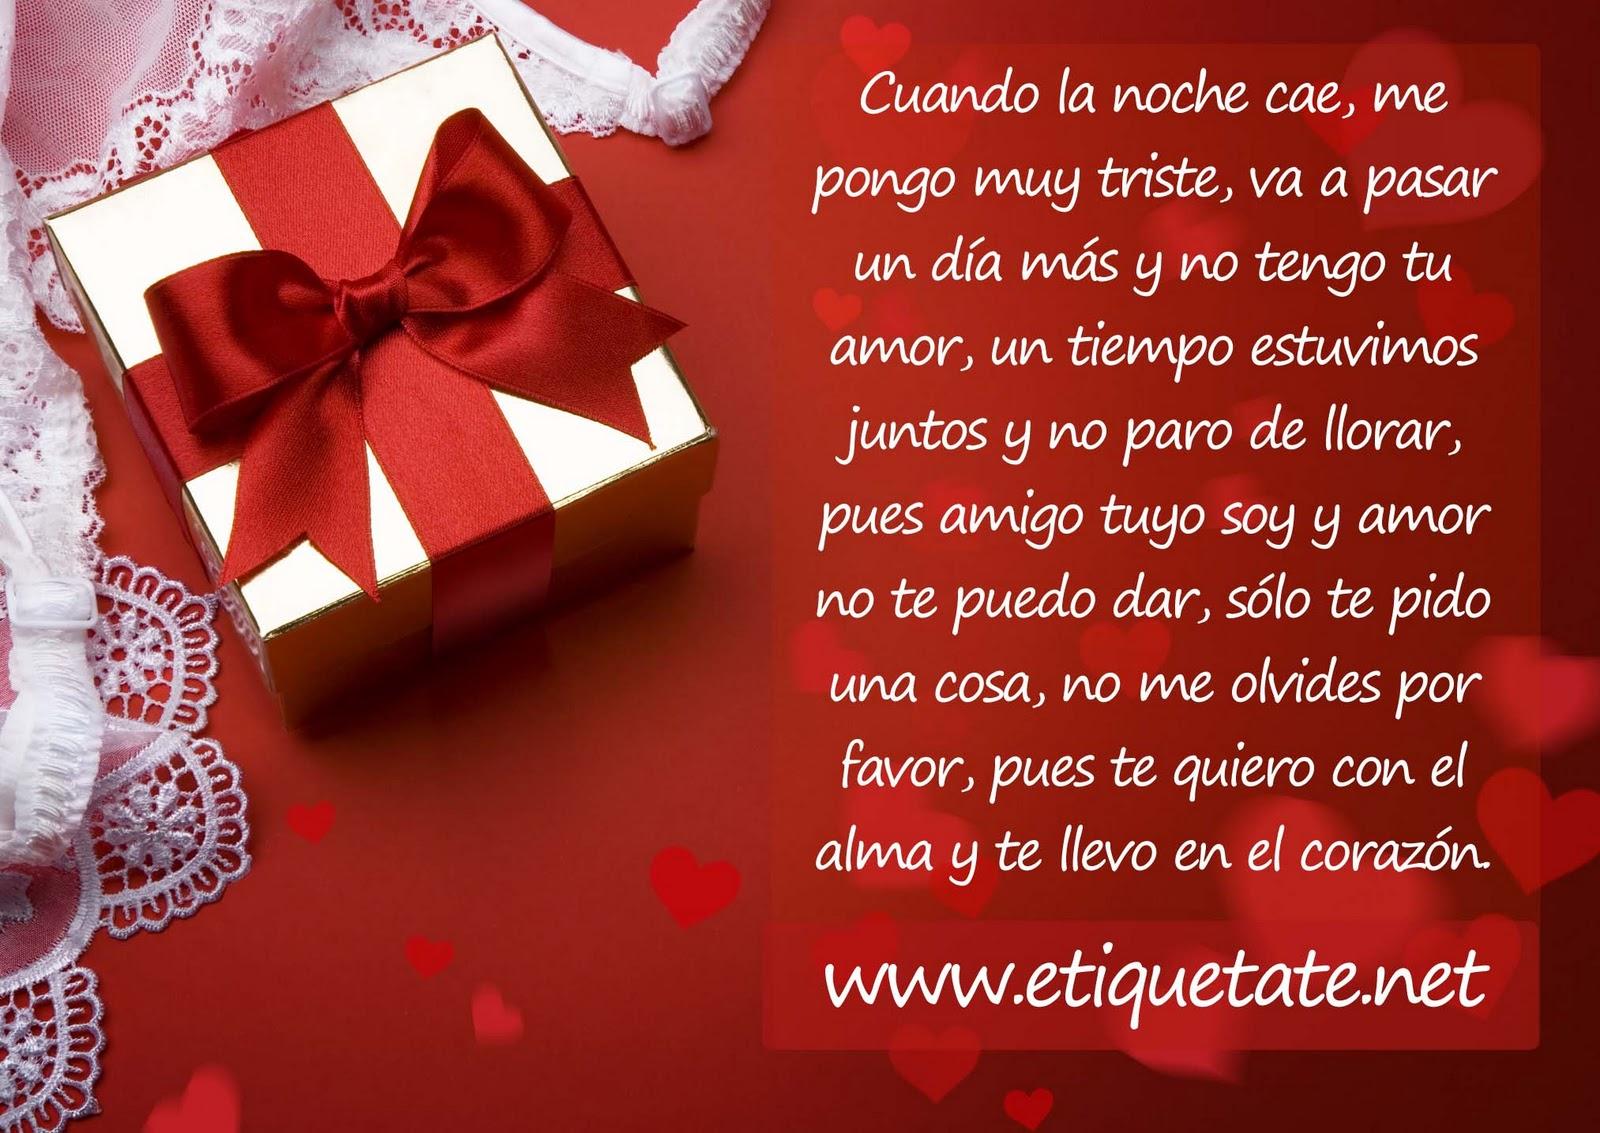 Imagenes de amor para facebook gratis